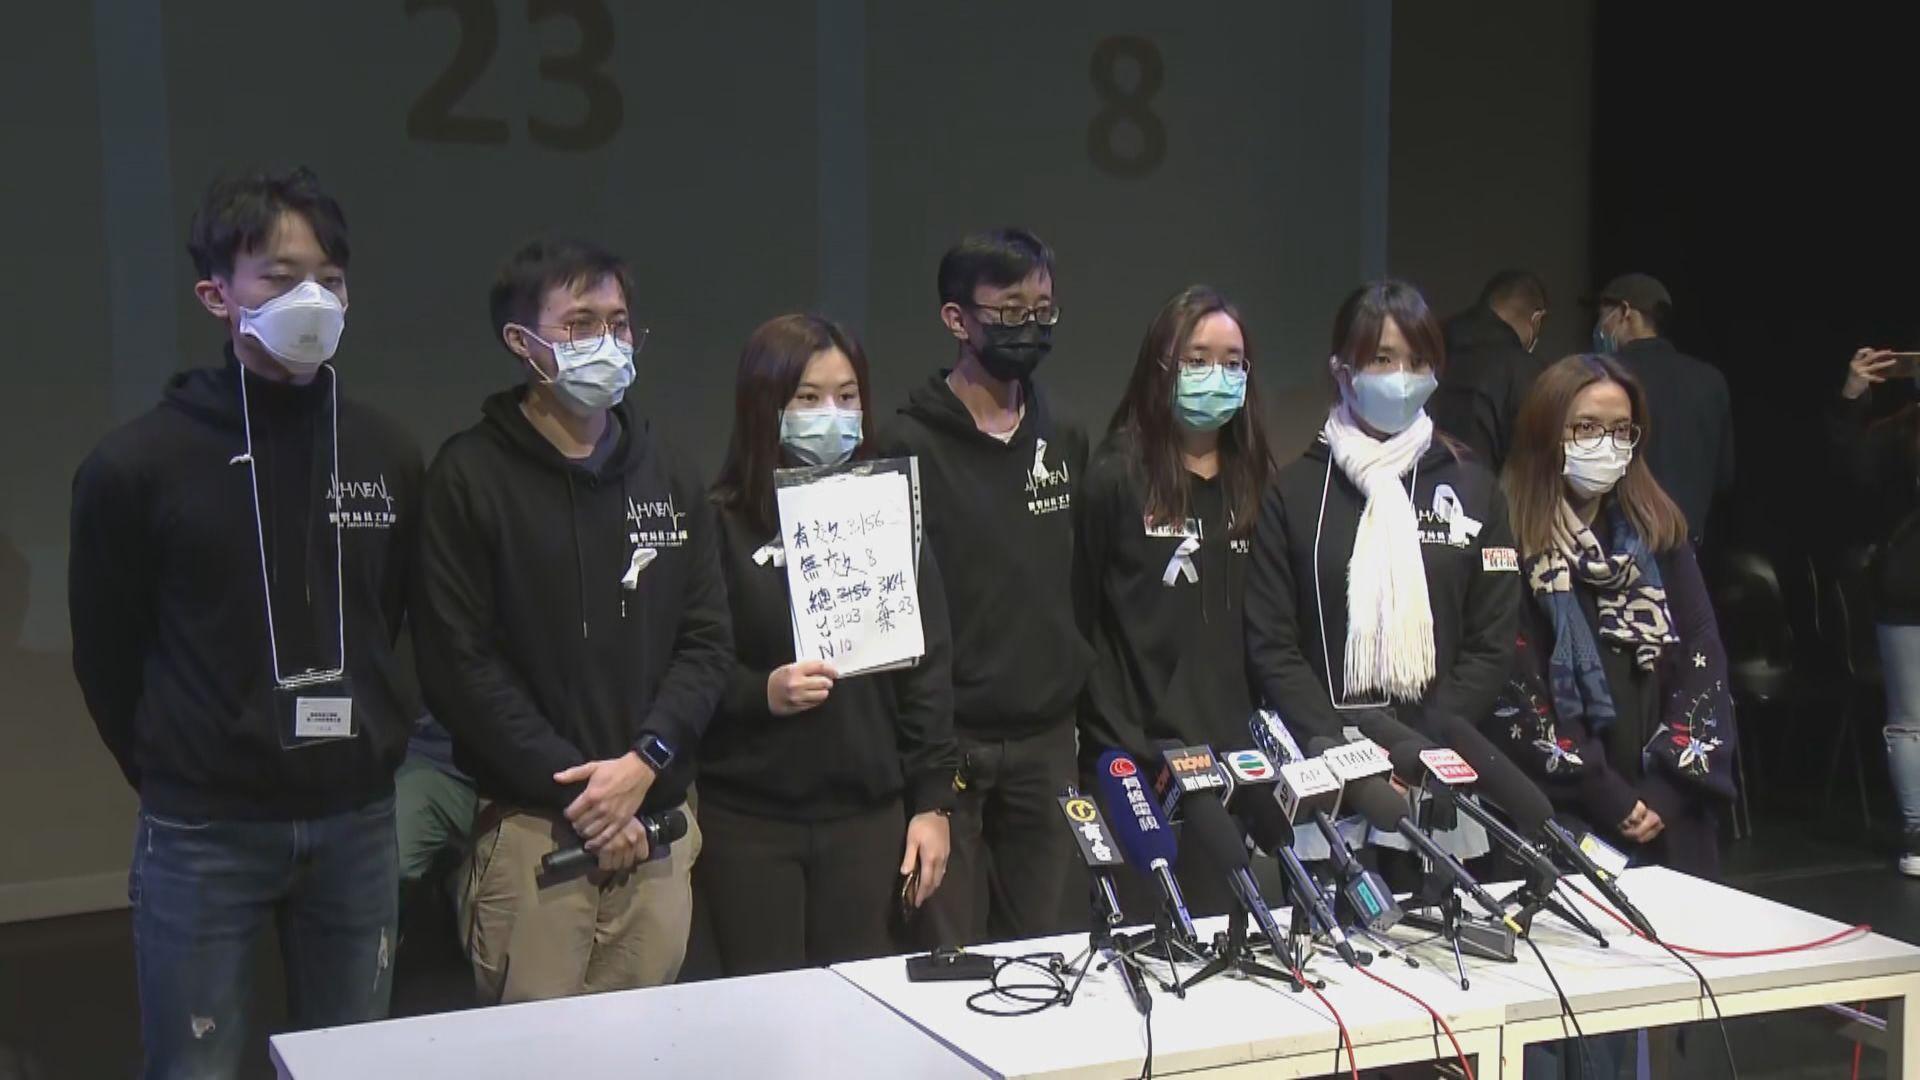 醫管局員工陣線因特首不出席談判宣布取消